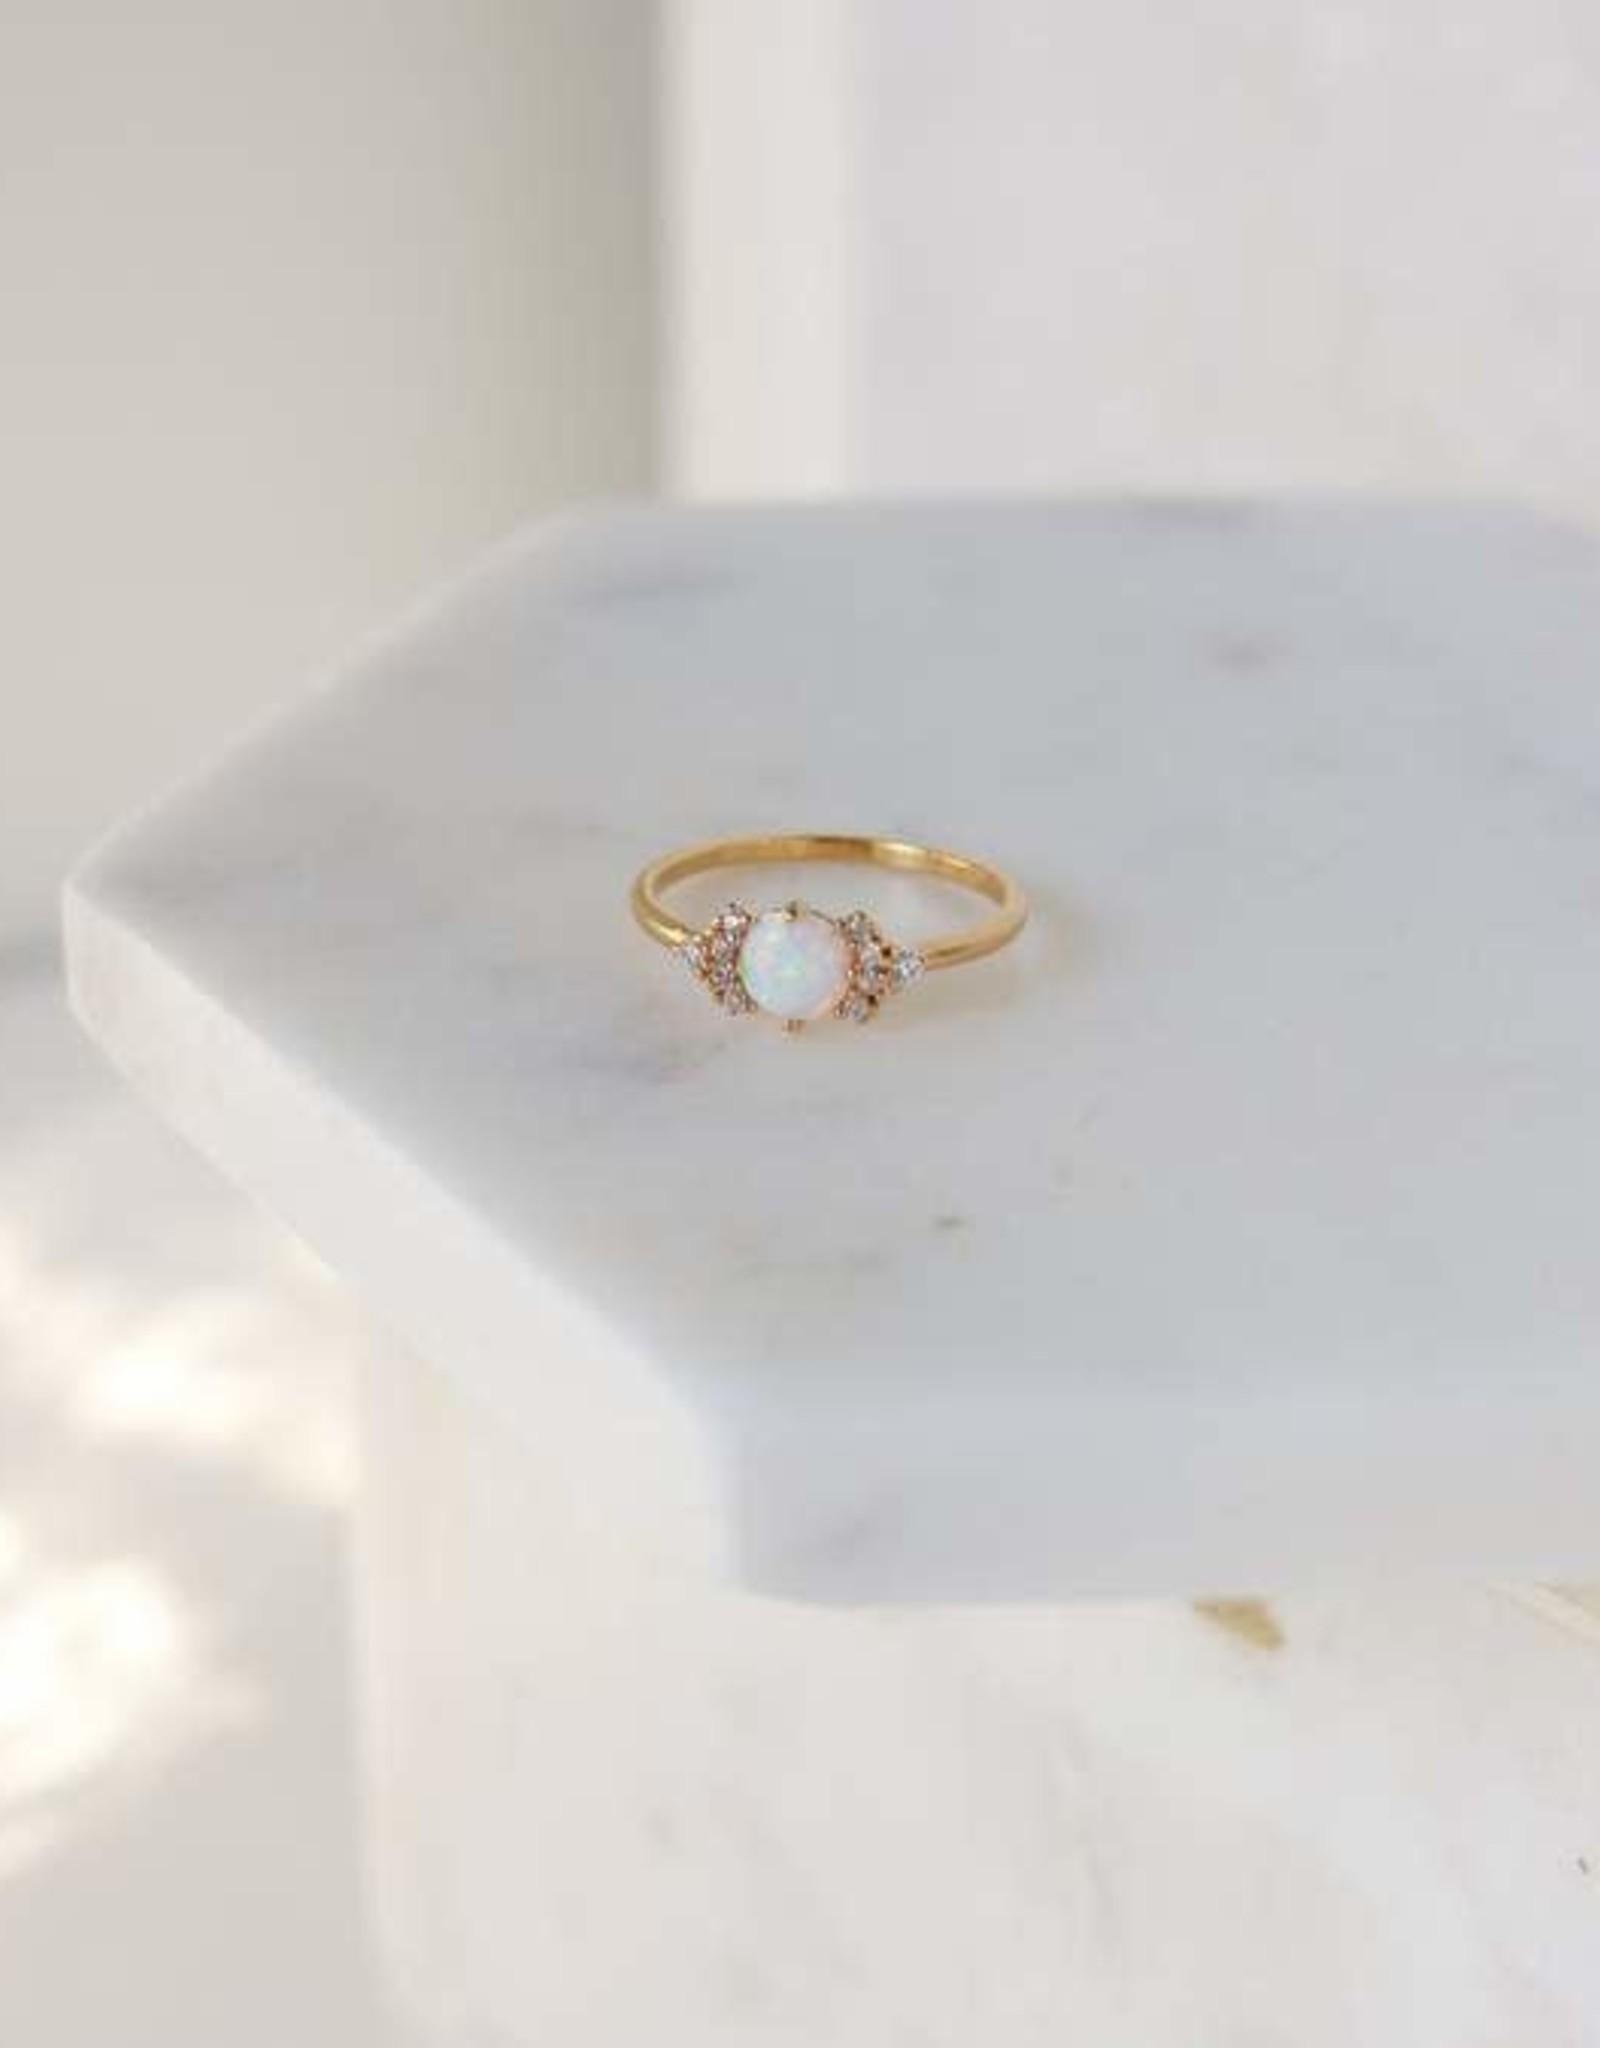 Echo Ring Size 7 - Opal